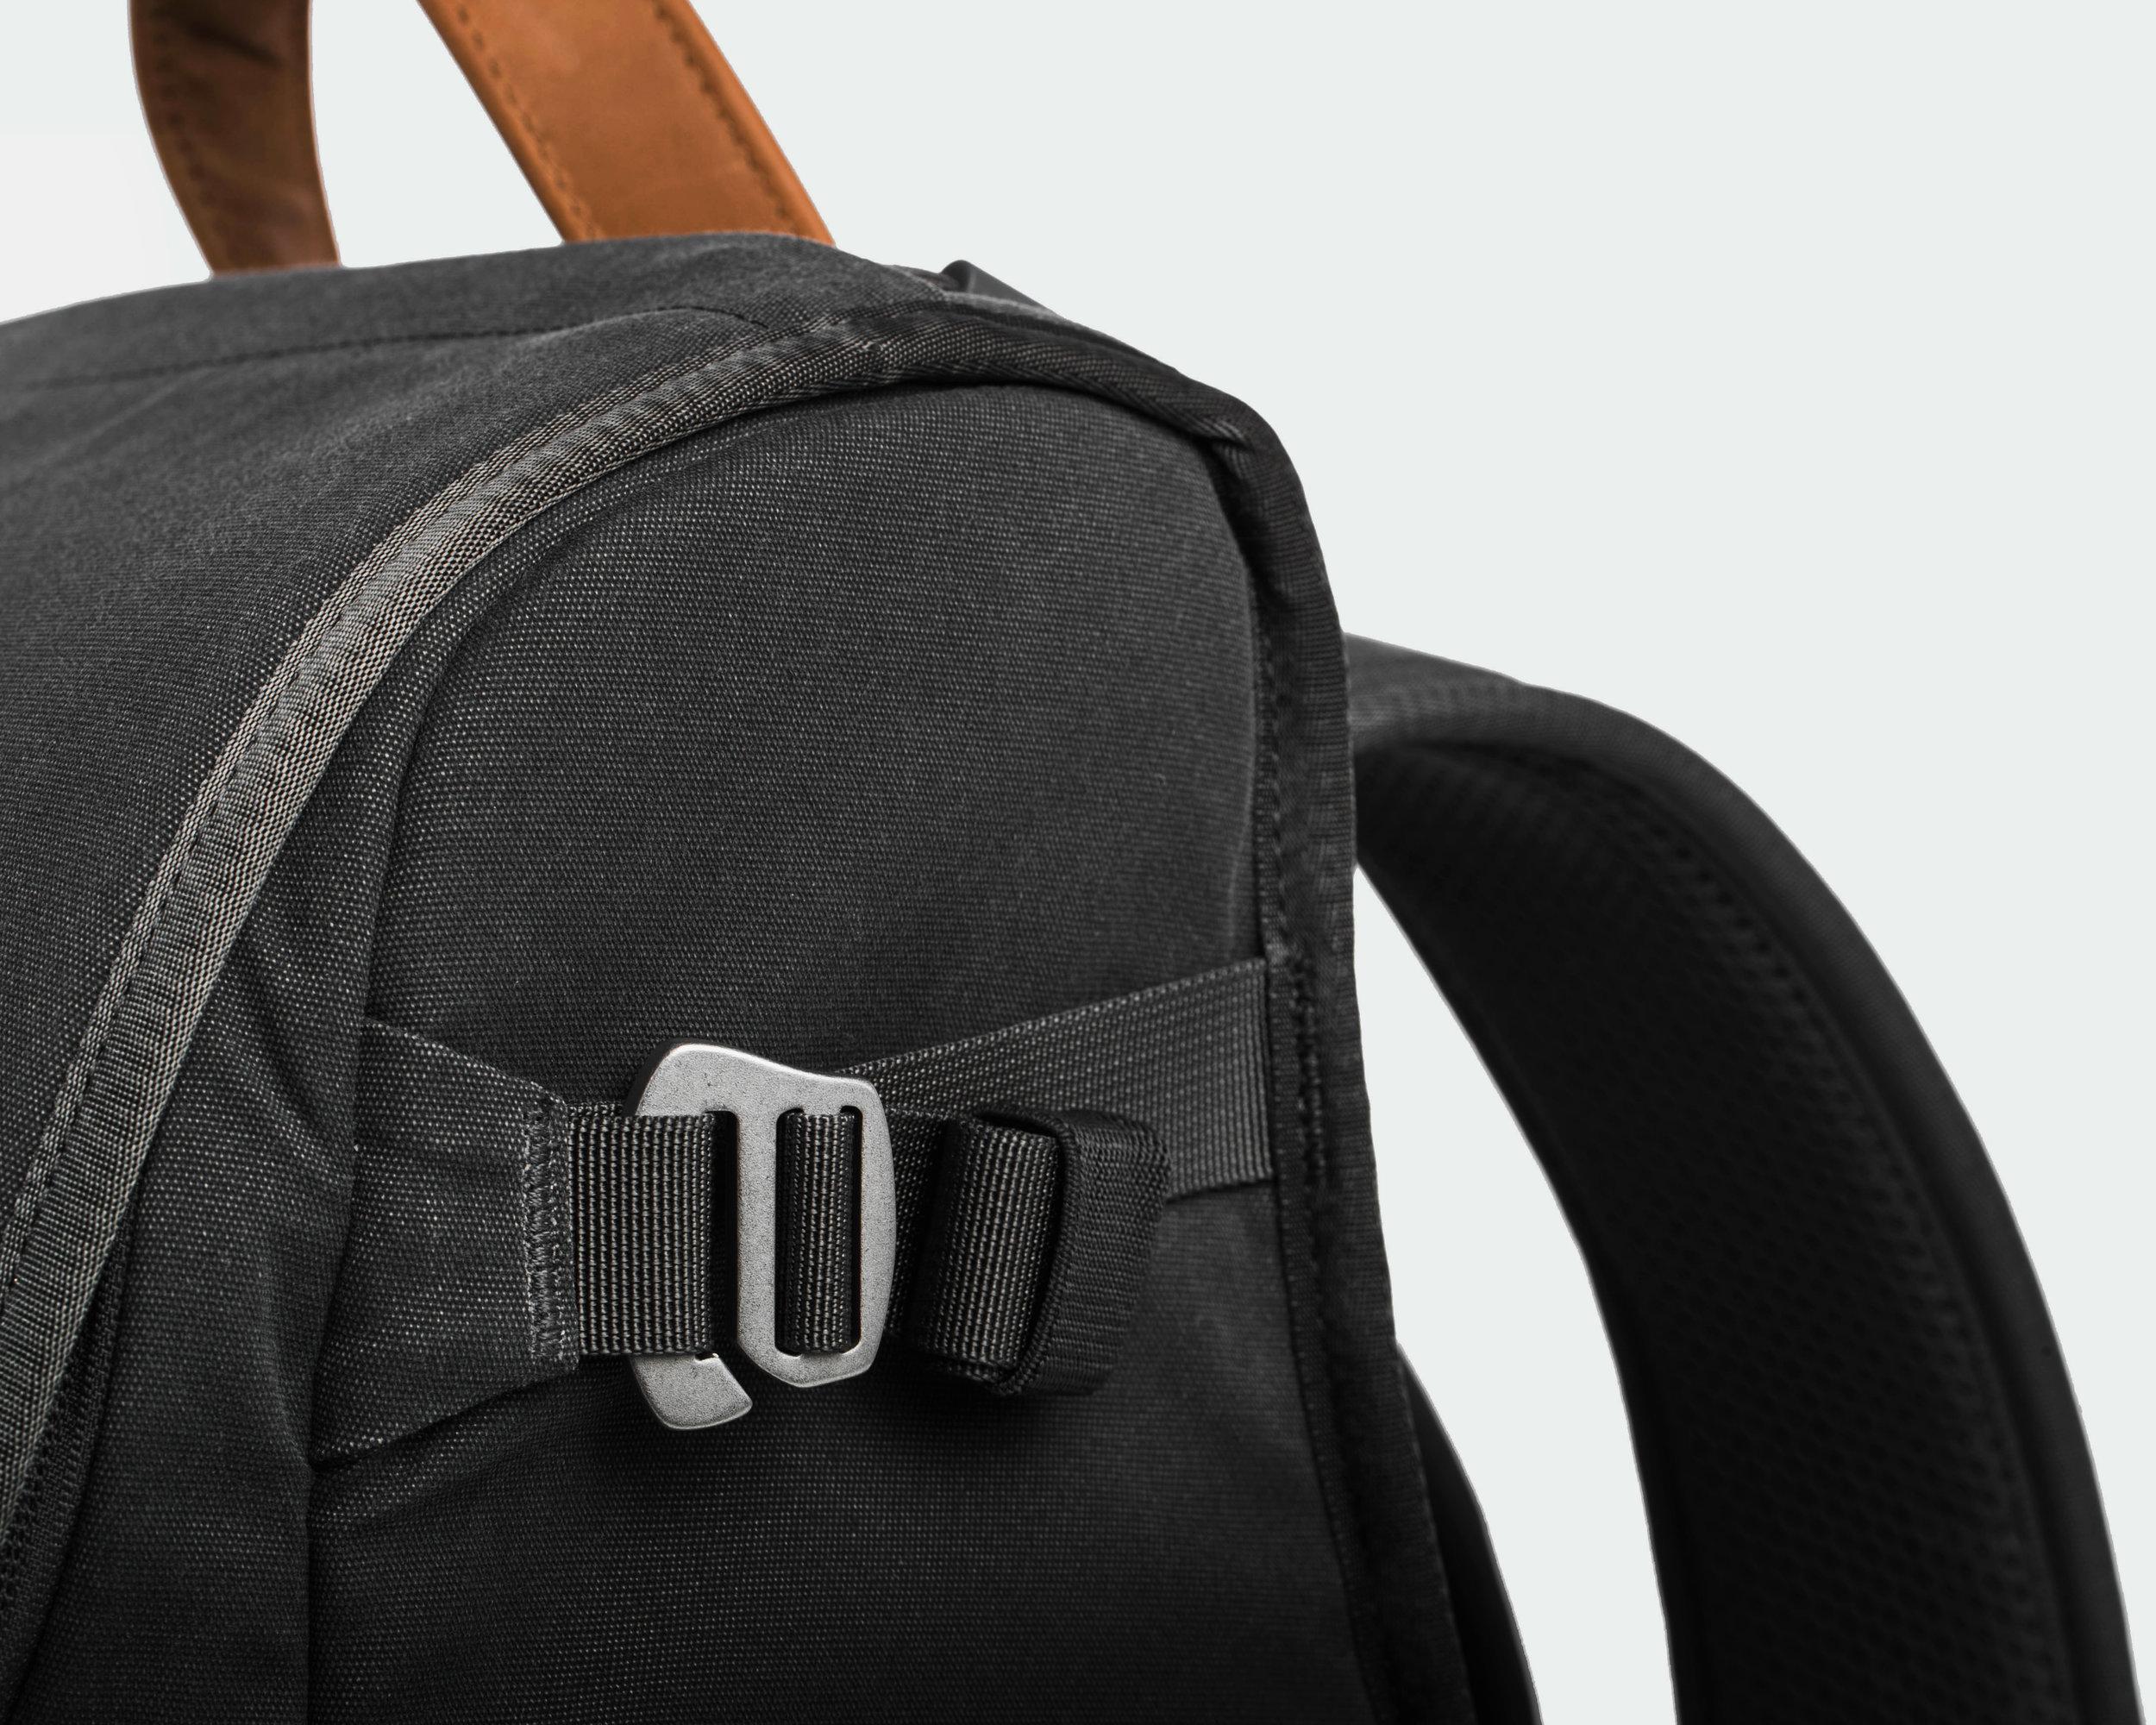 Holdland backpack detail side